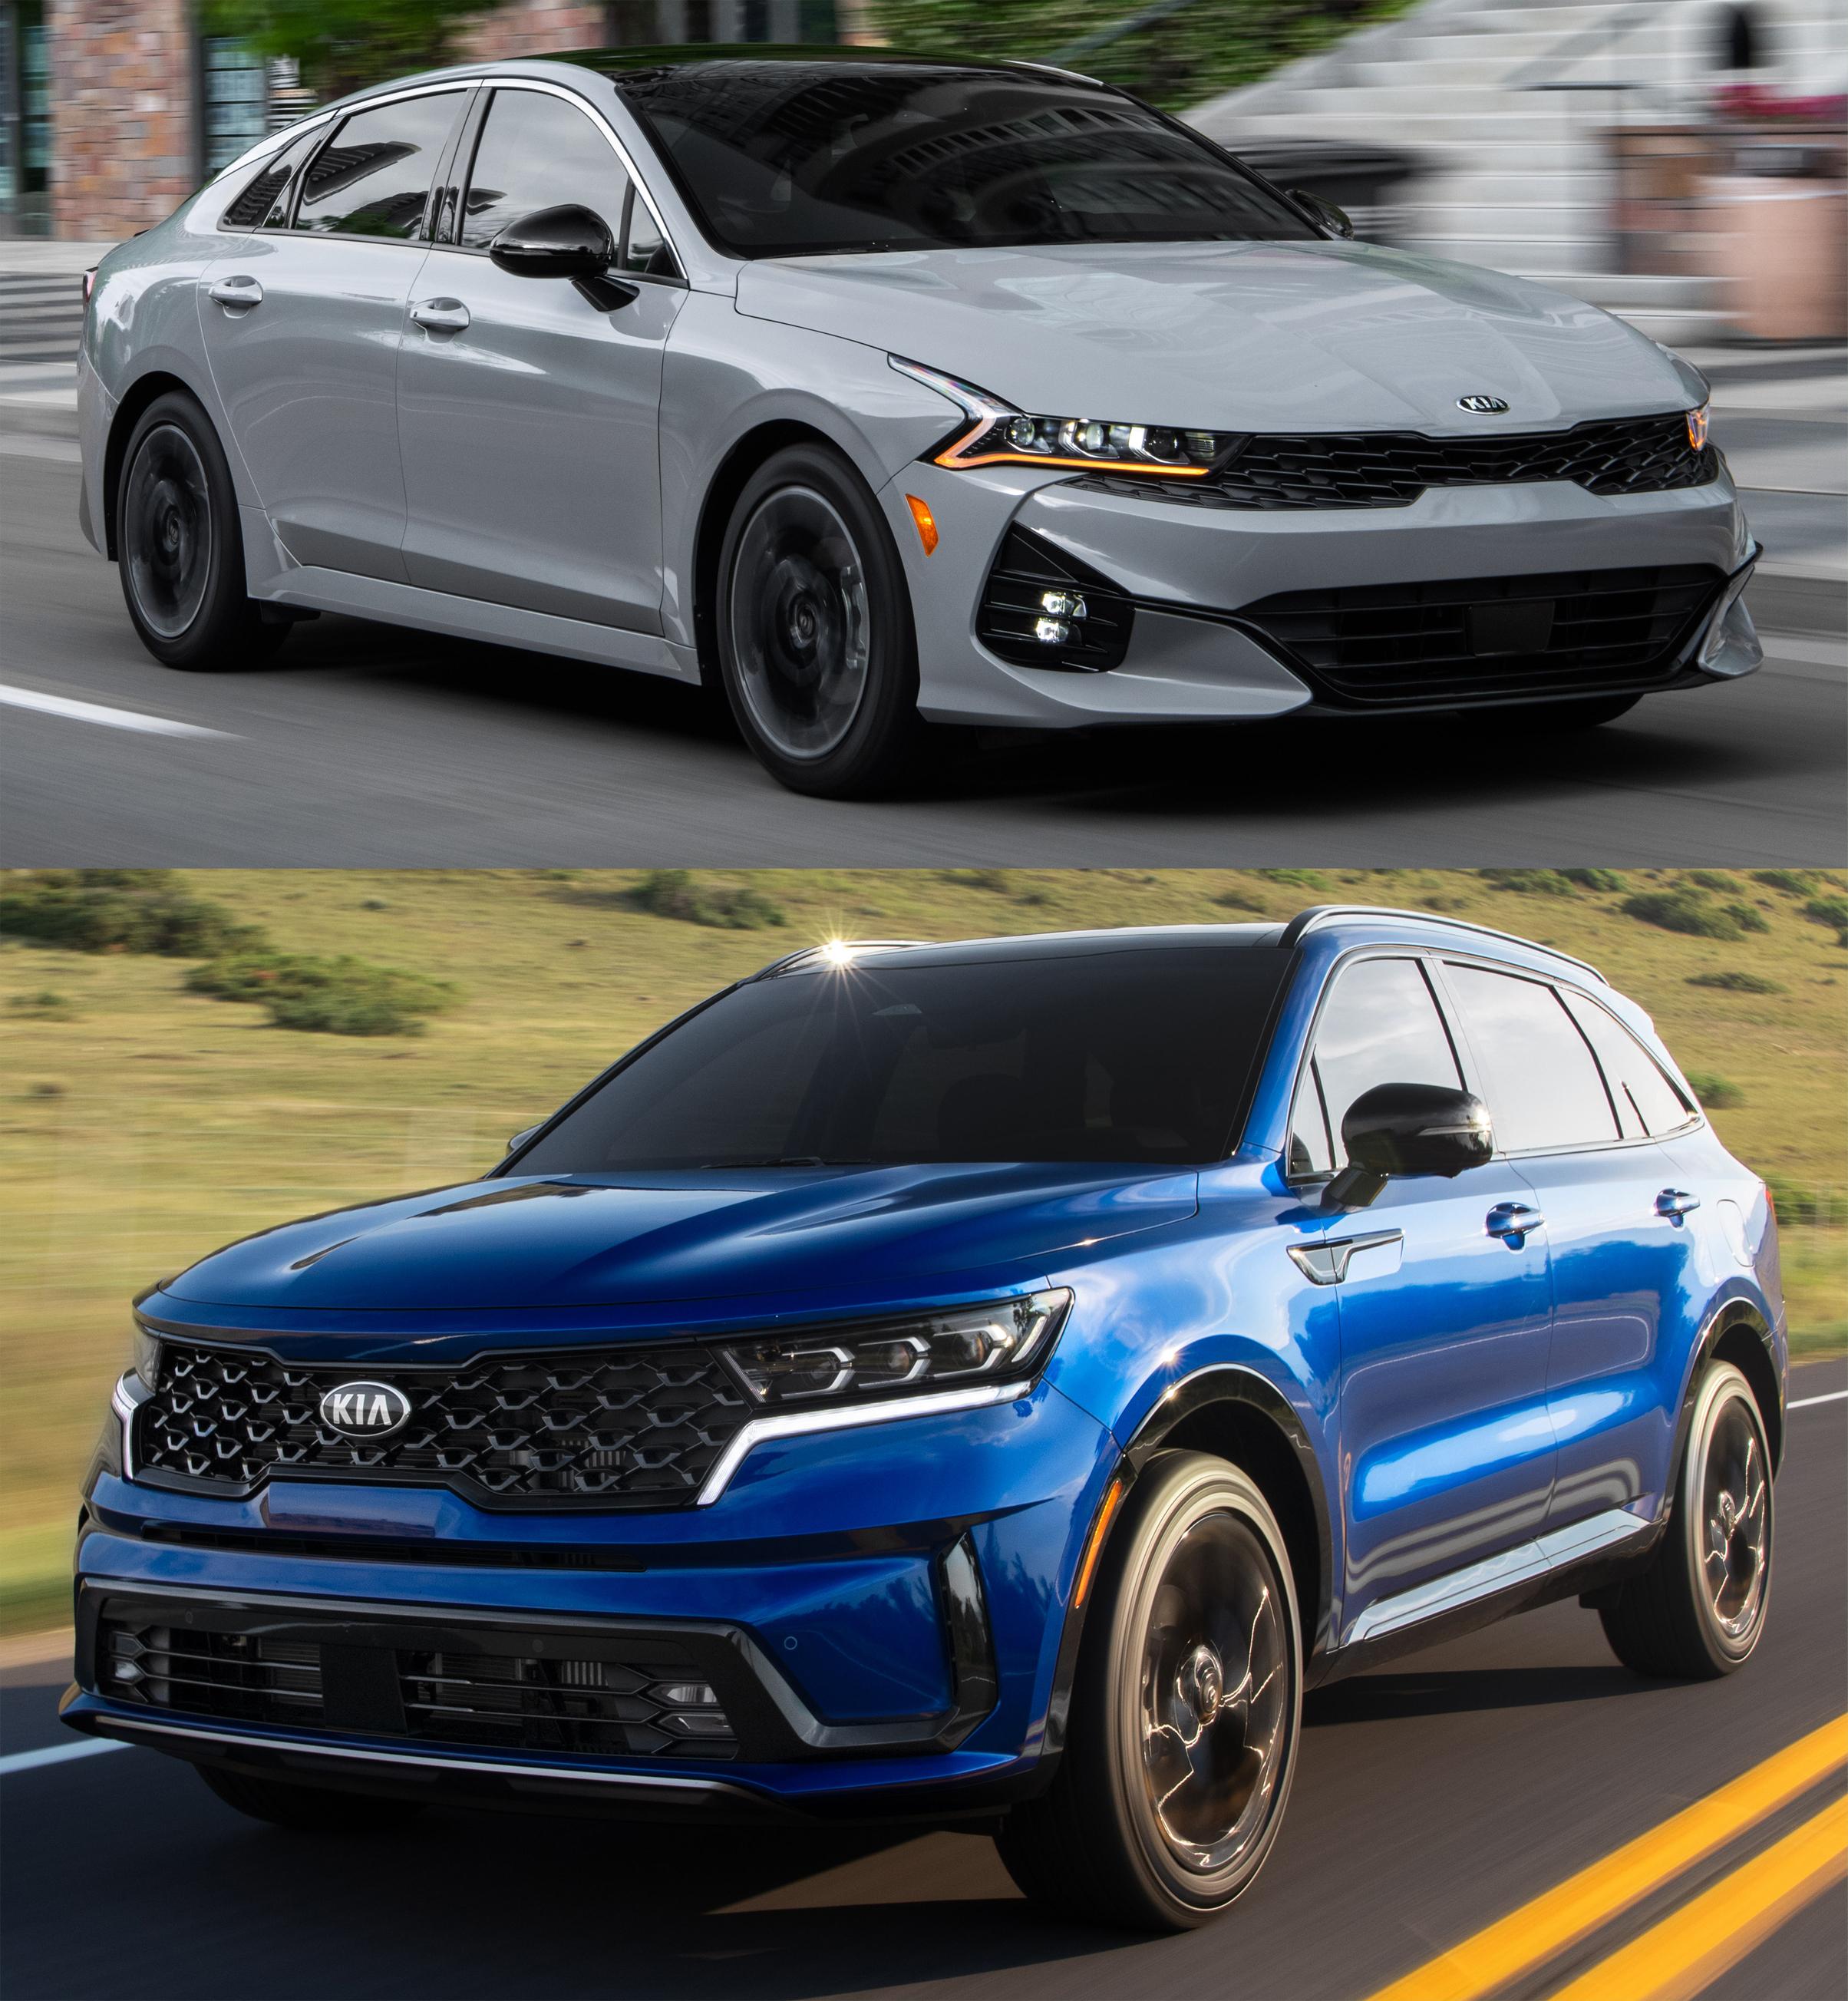 """Hyundai, Genesis và Kia giành 9 giải thưởng """"thiết kế đẹp"""" năm 2020 good-design-kias-1.jpg"""